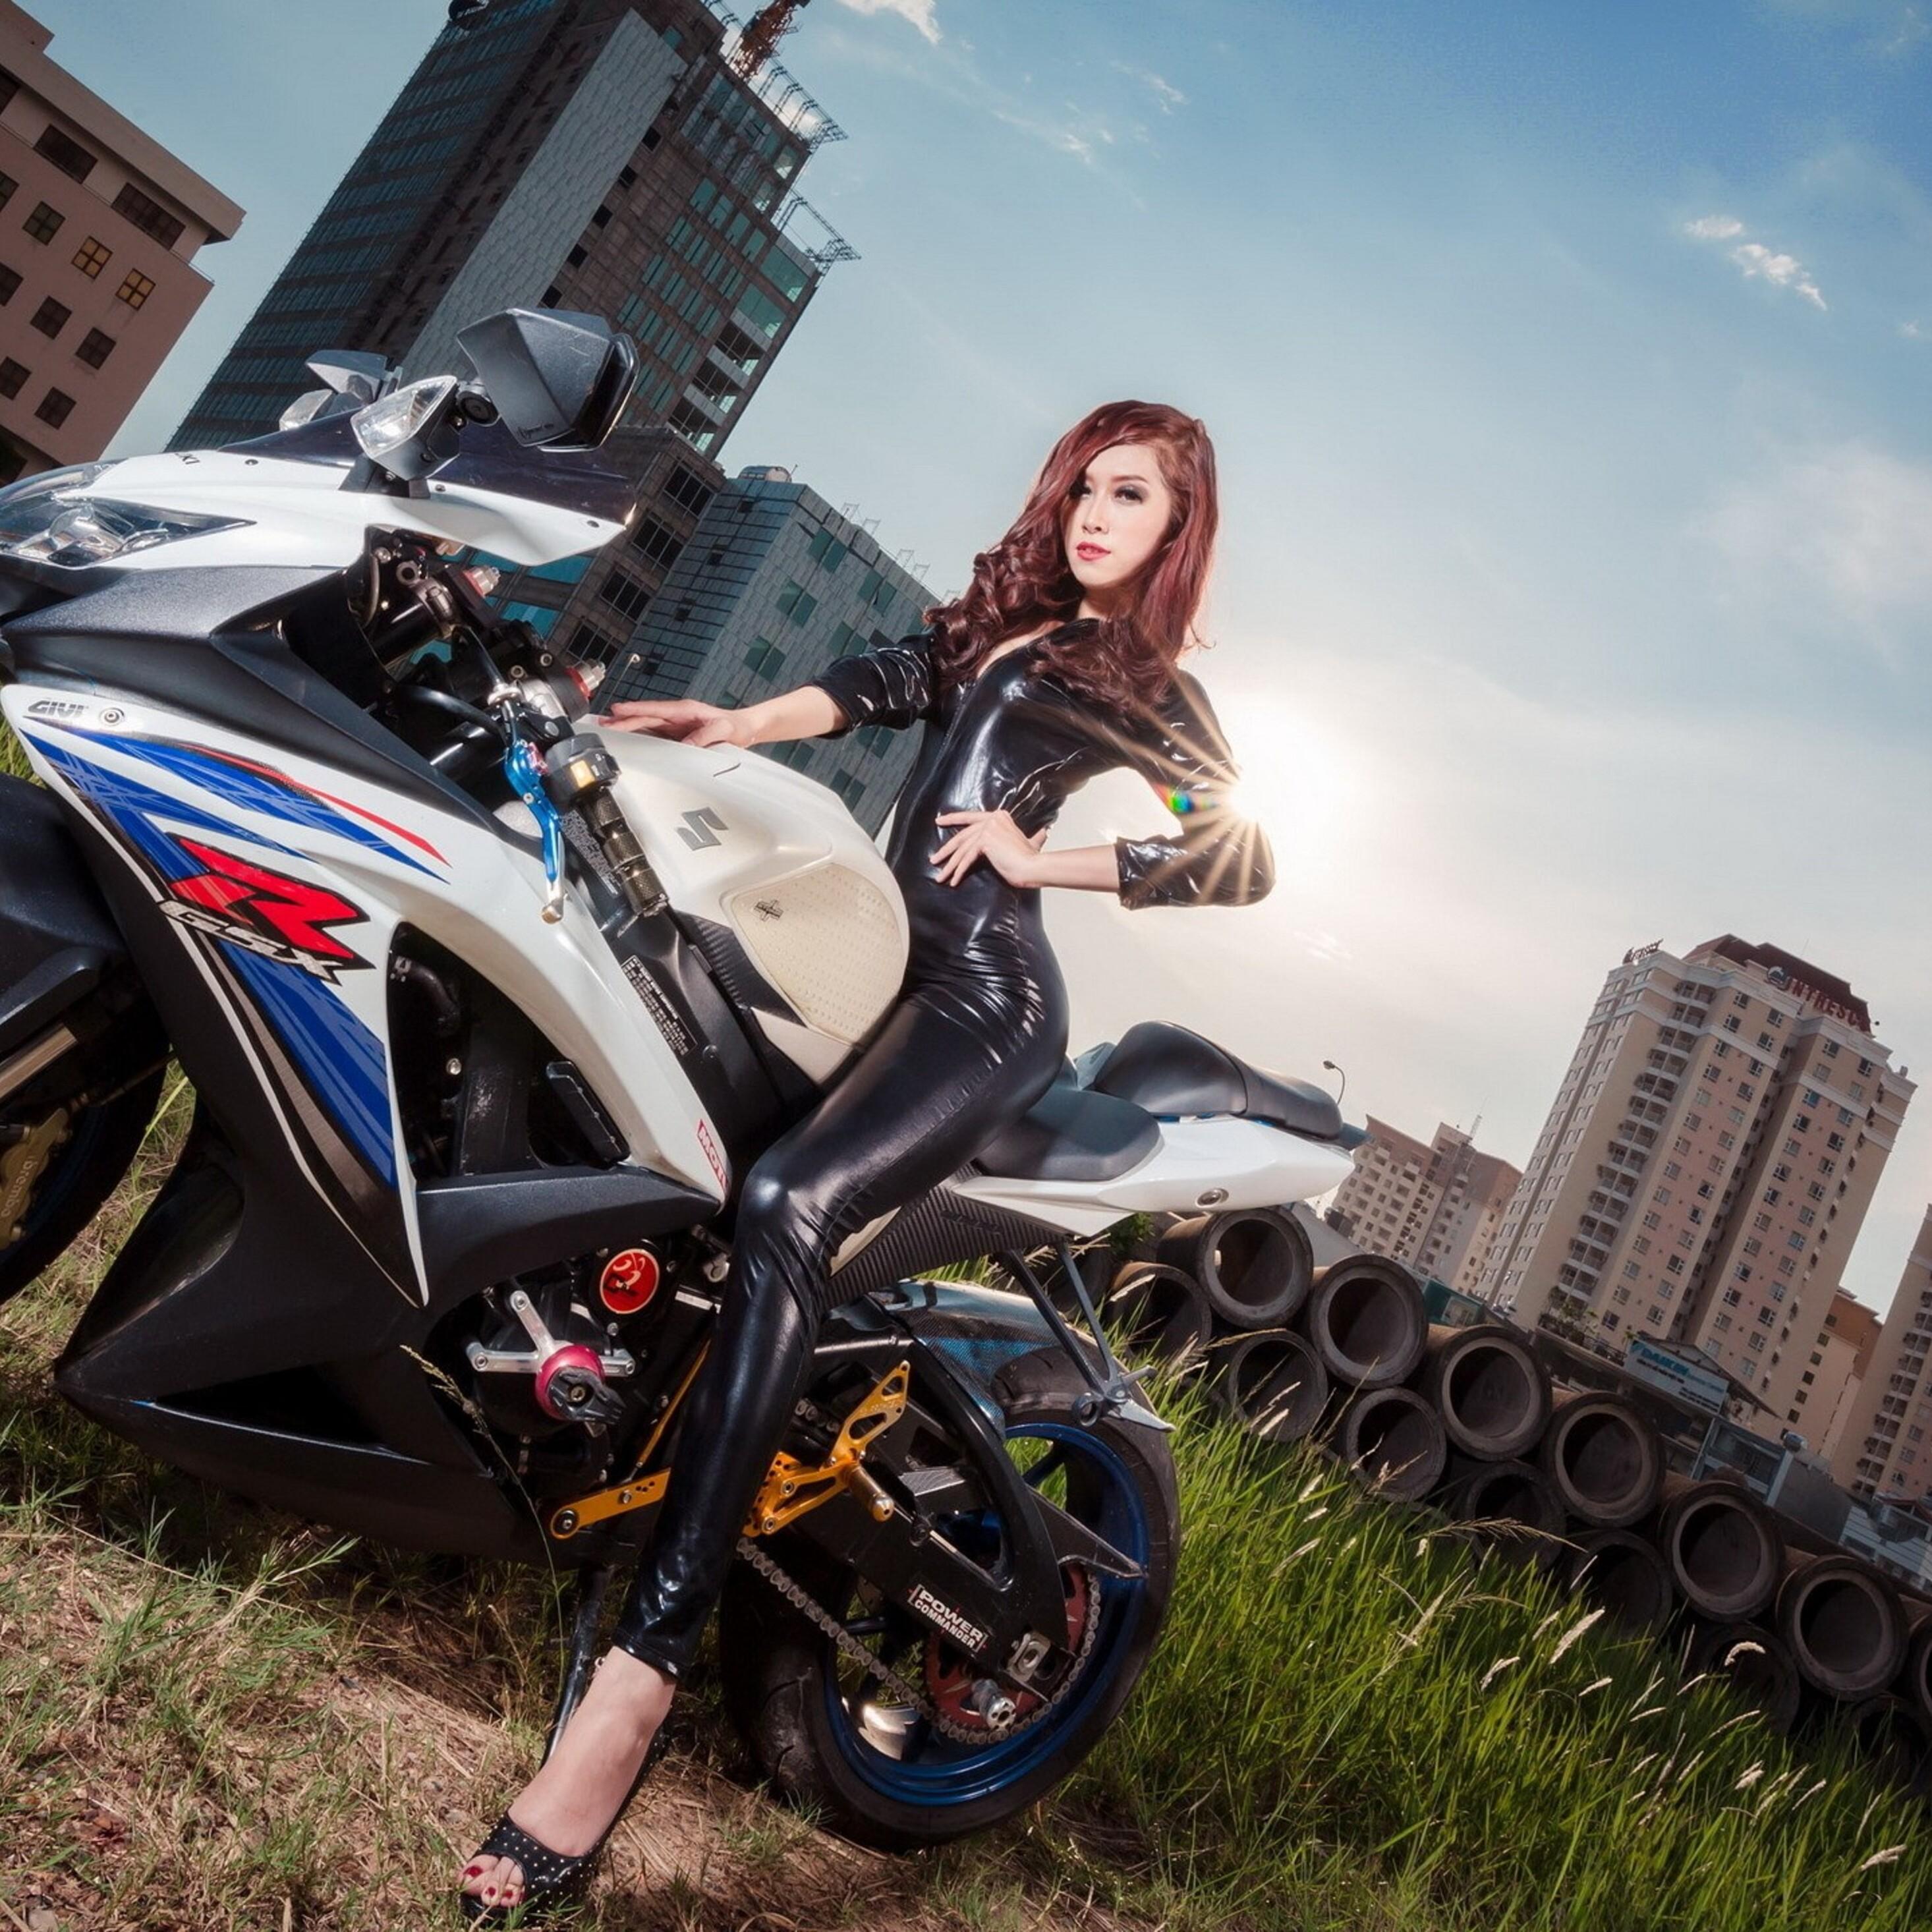 suzuki-gsx-r-image.jpg